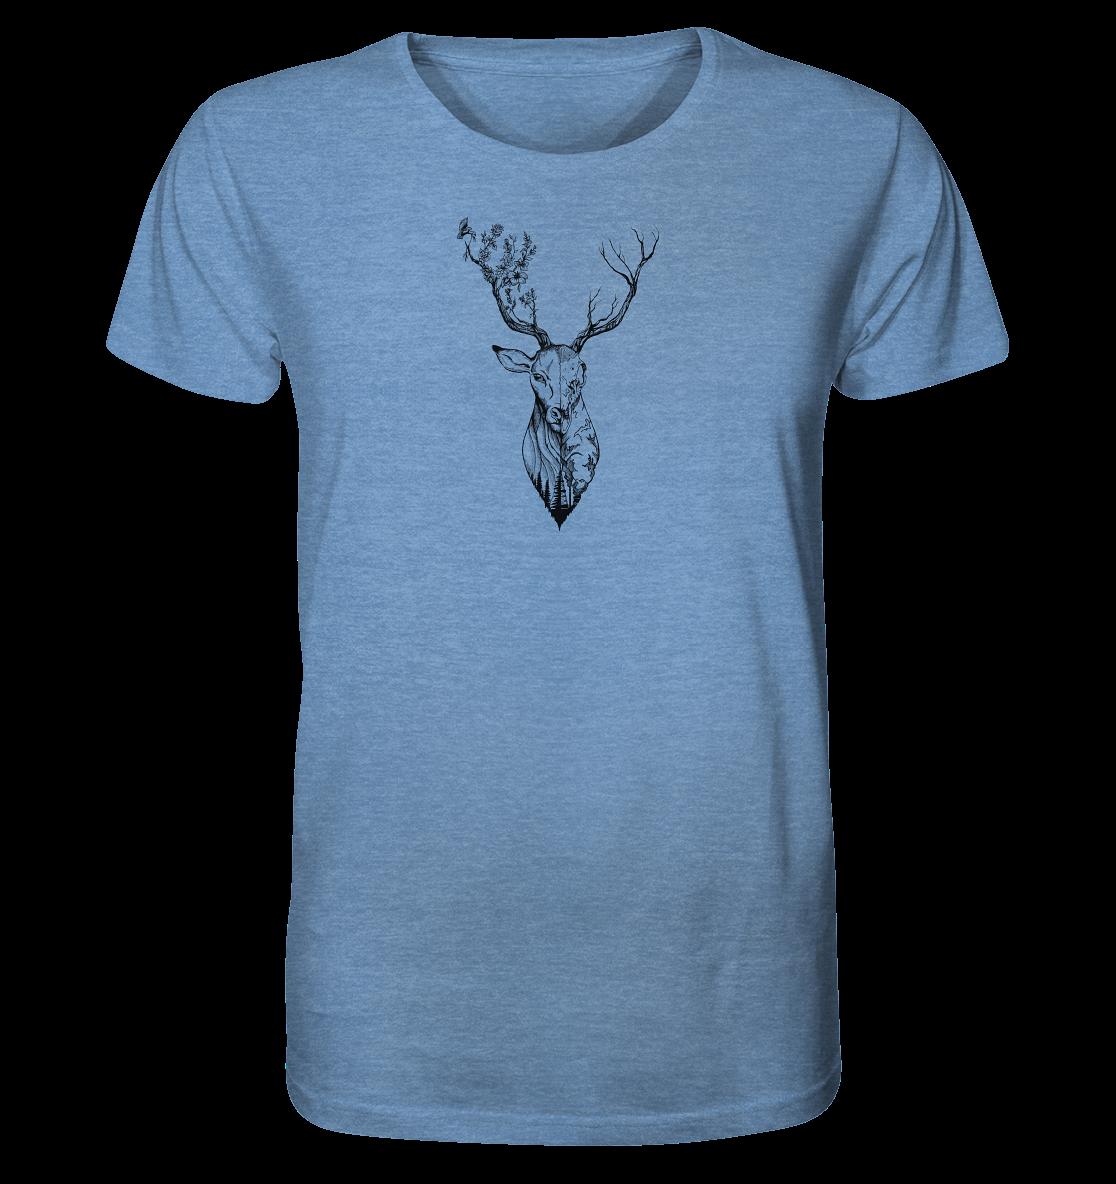 front-organic-shirt-meliert-6090c4-1116x-5.png